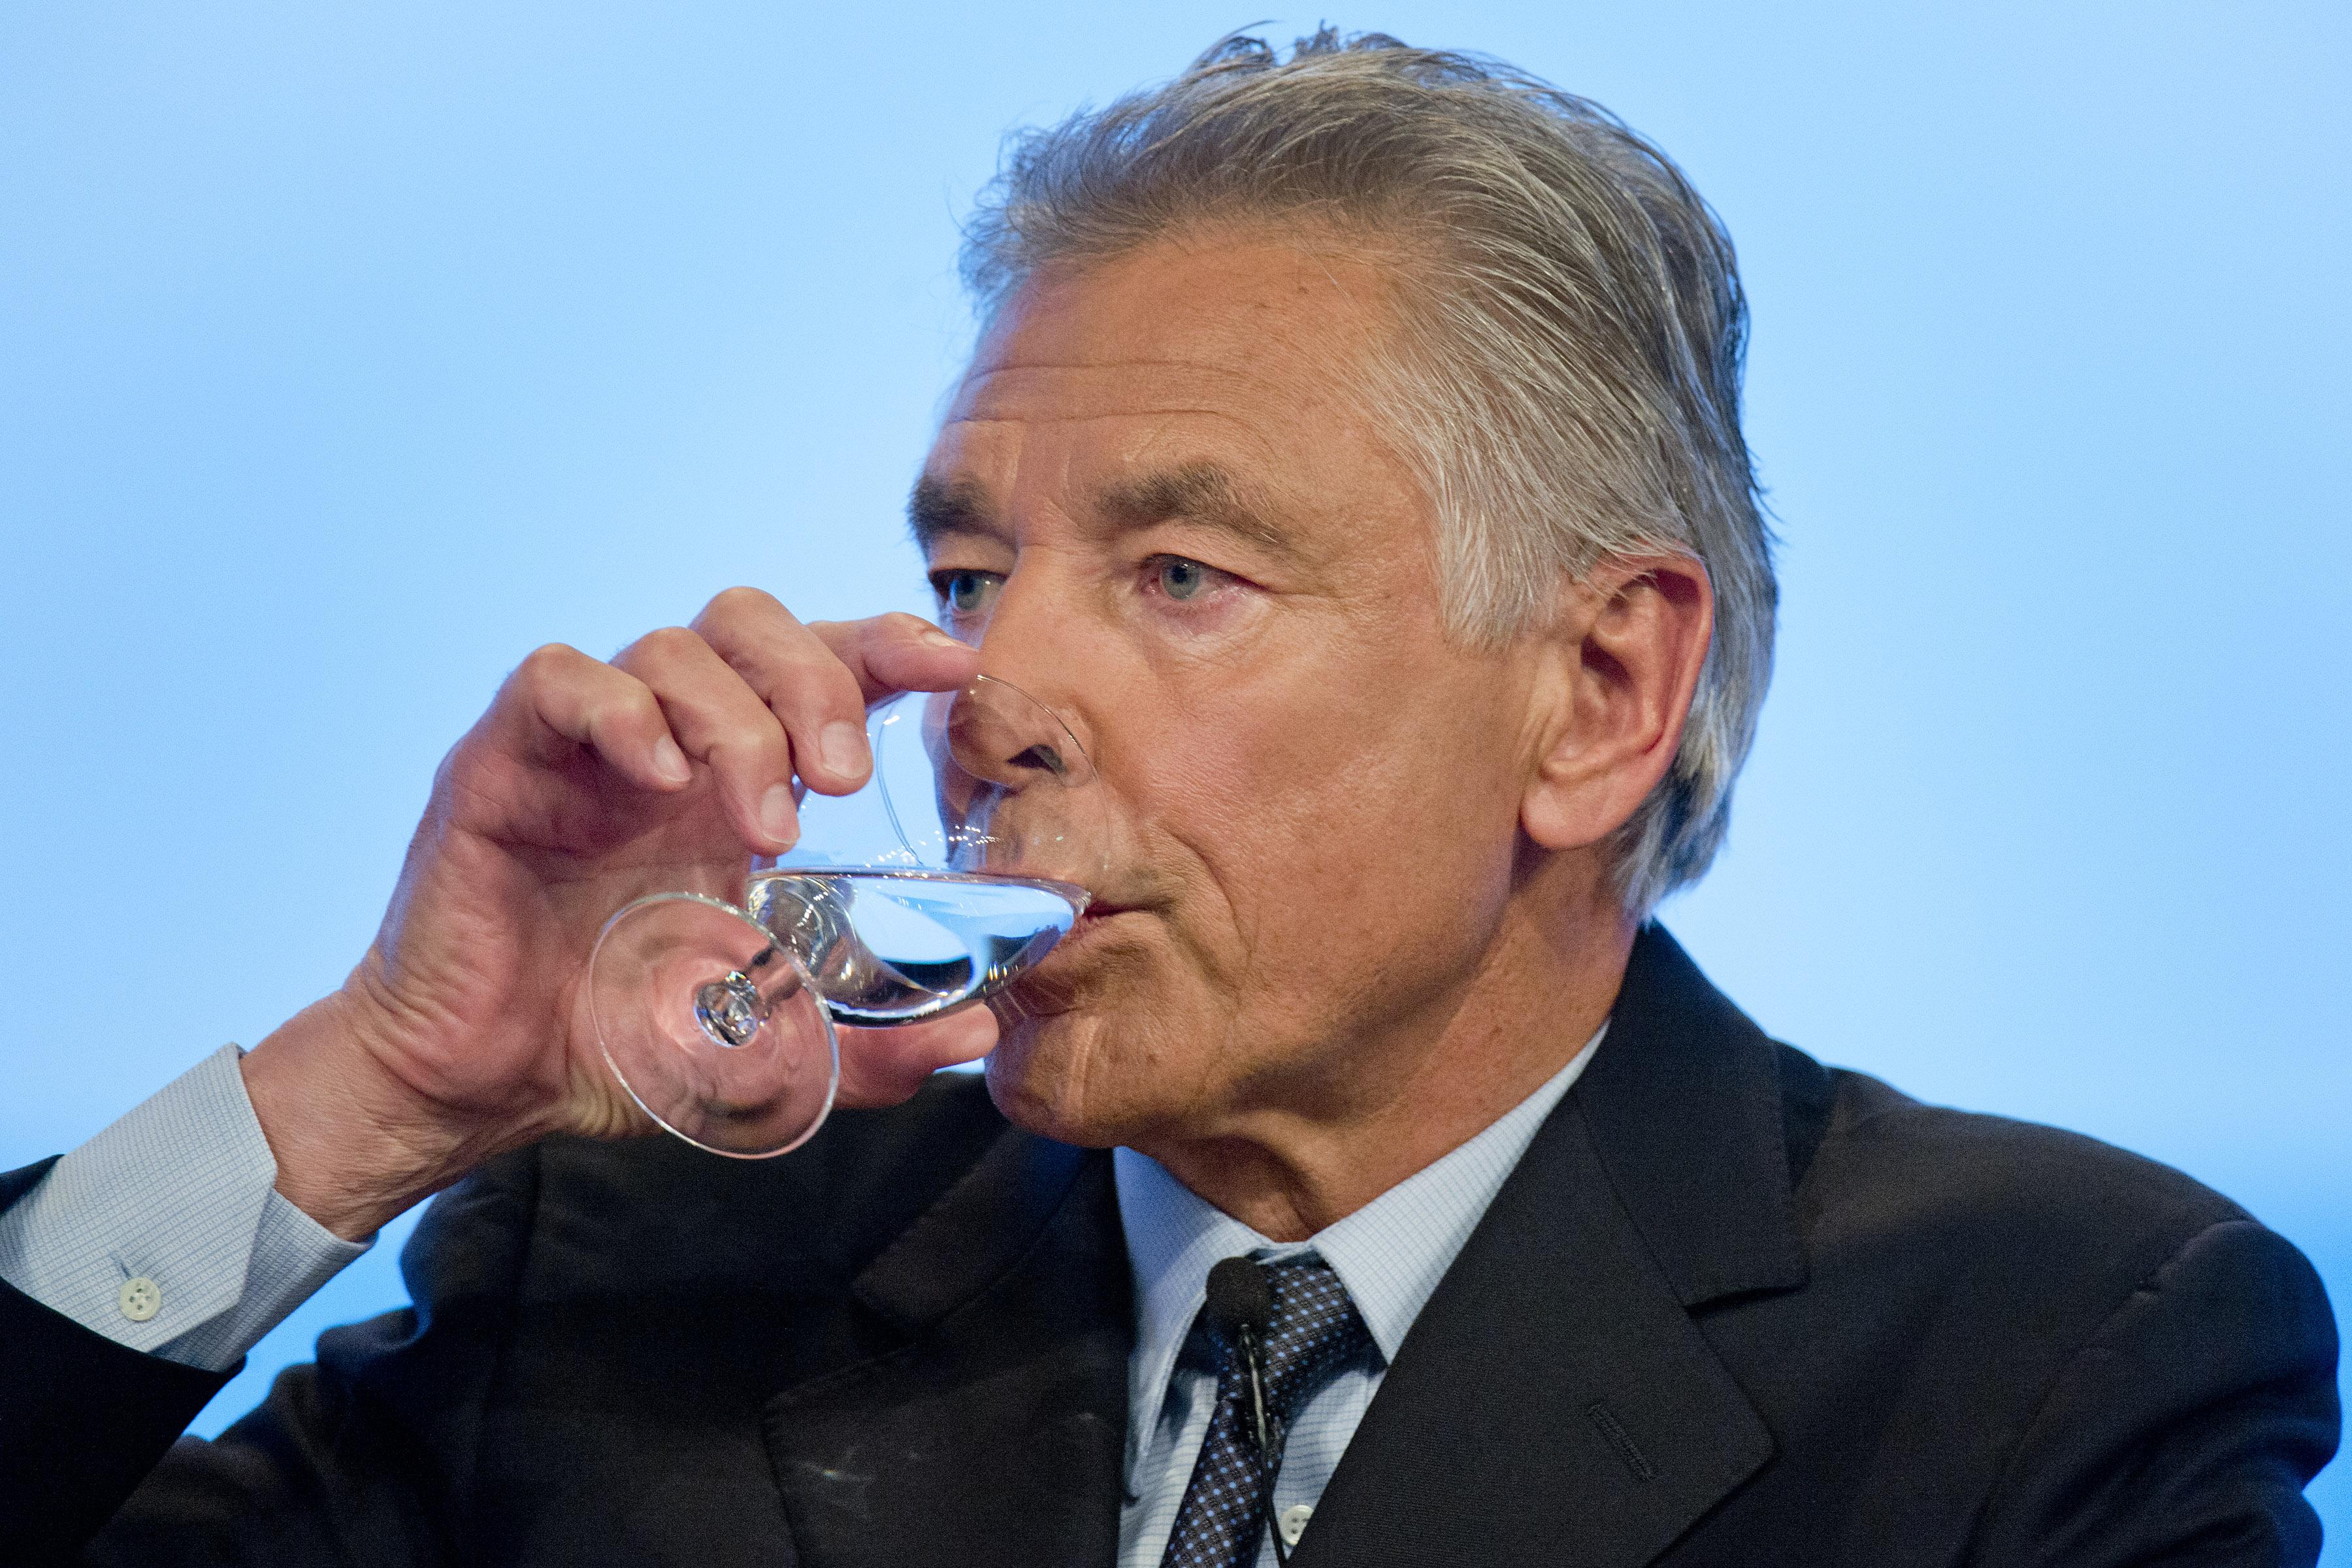 Presidente da Nestlé deseja privatizar a água do planeta! Será verdade? (foto: Reprodução/Facebook)